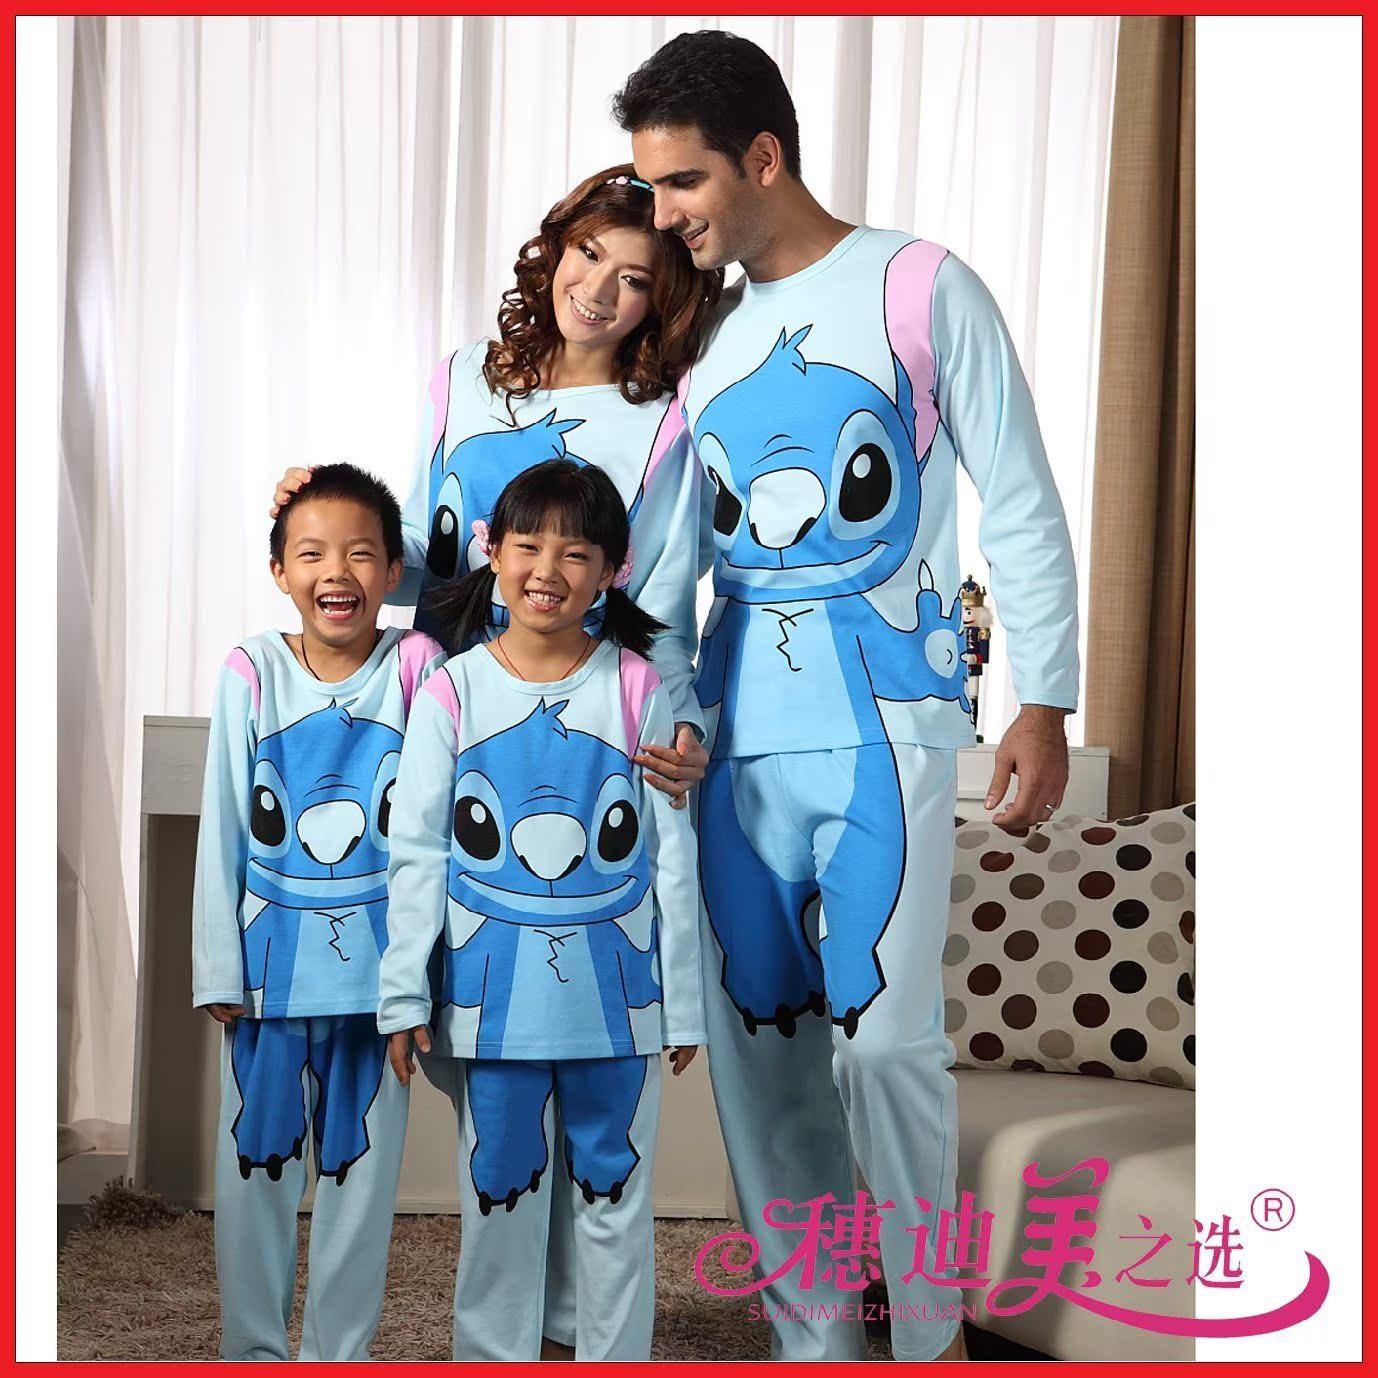 На продажу! Стежка Осенняя звезда хлопок baby монстр детей мультфильм любителей с длинным рукавом пижамы услуги на дому